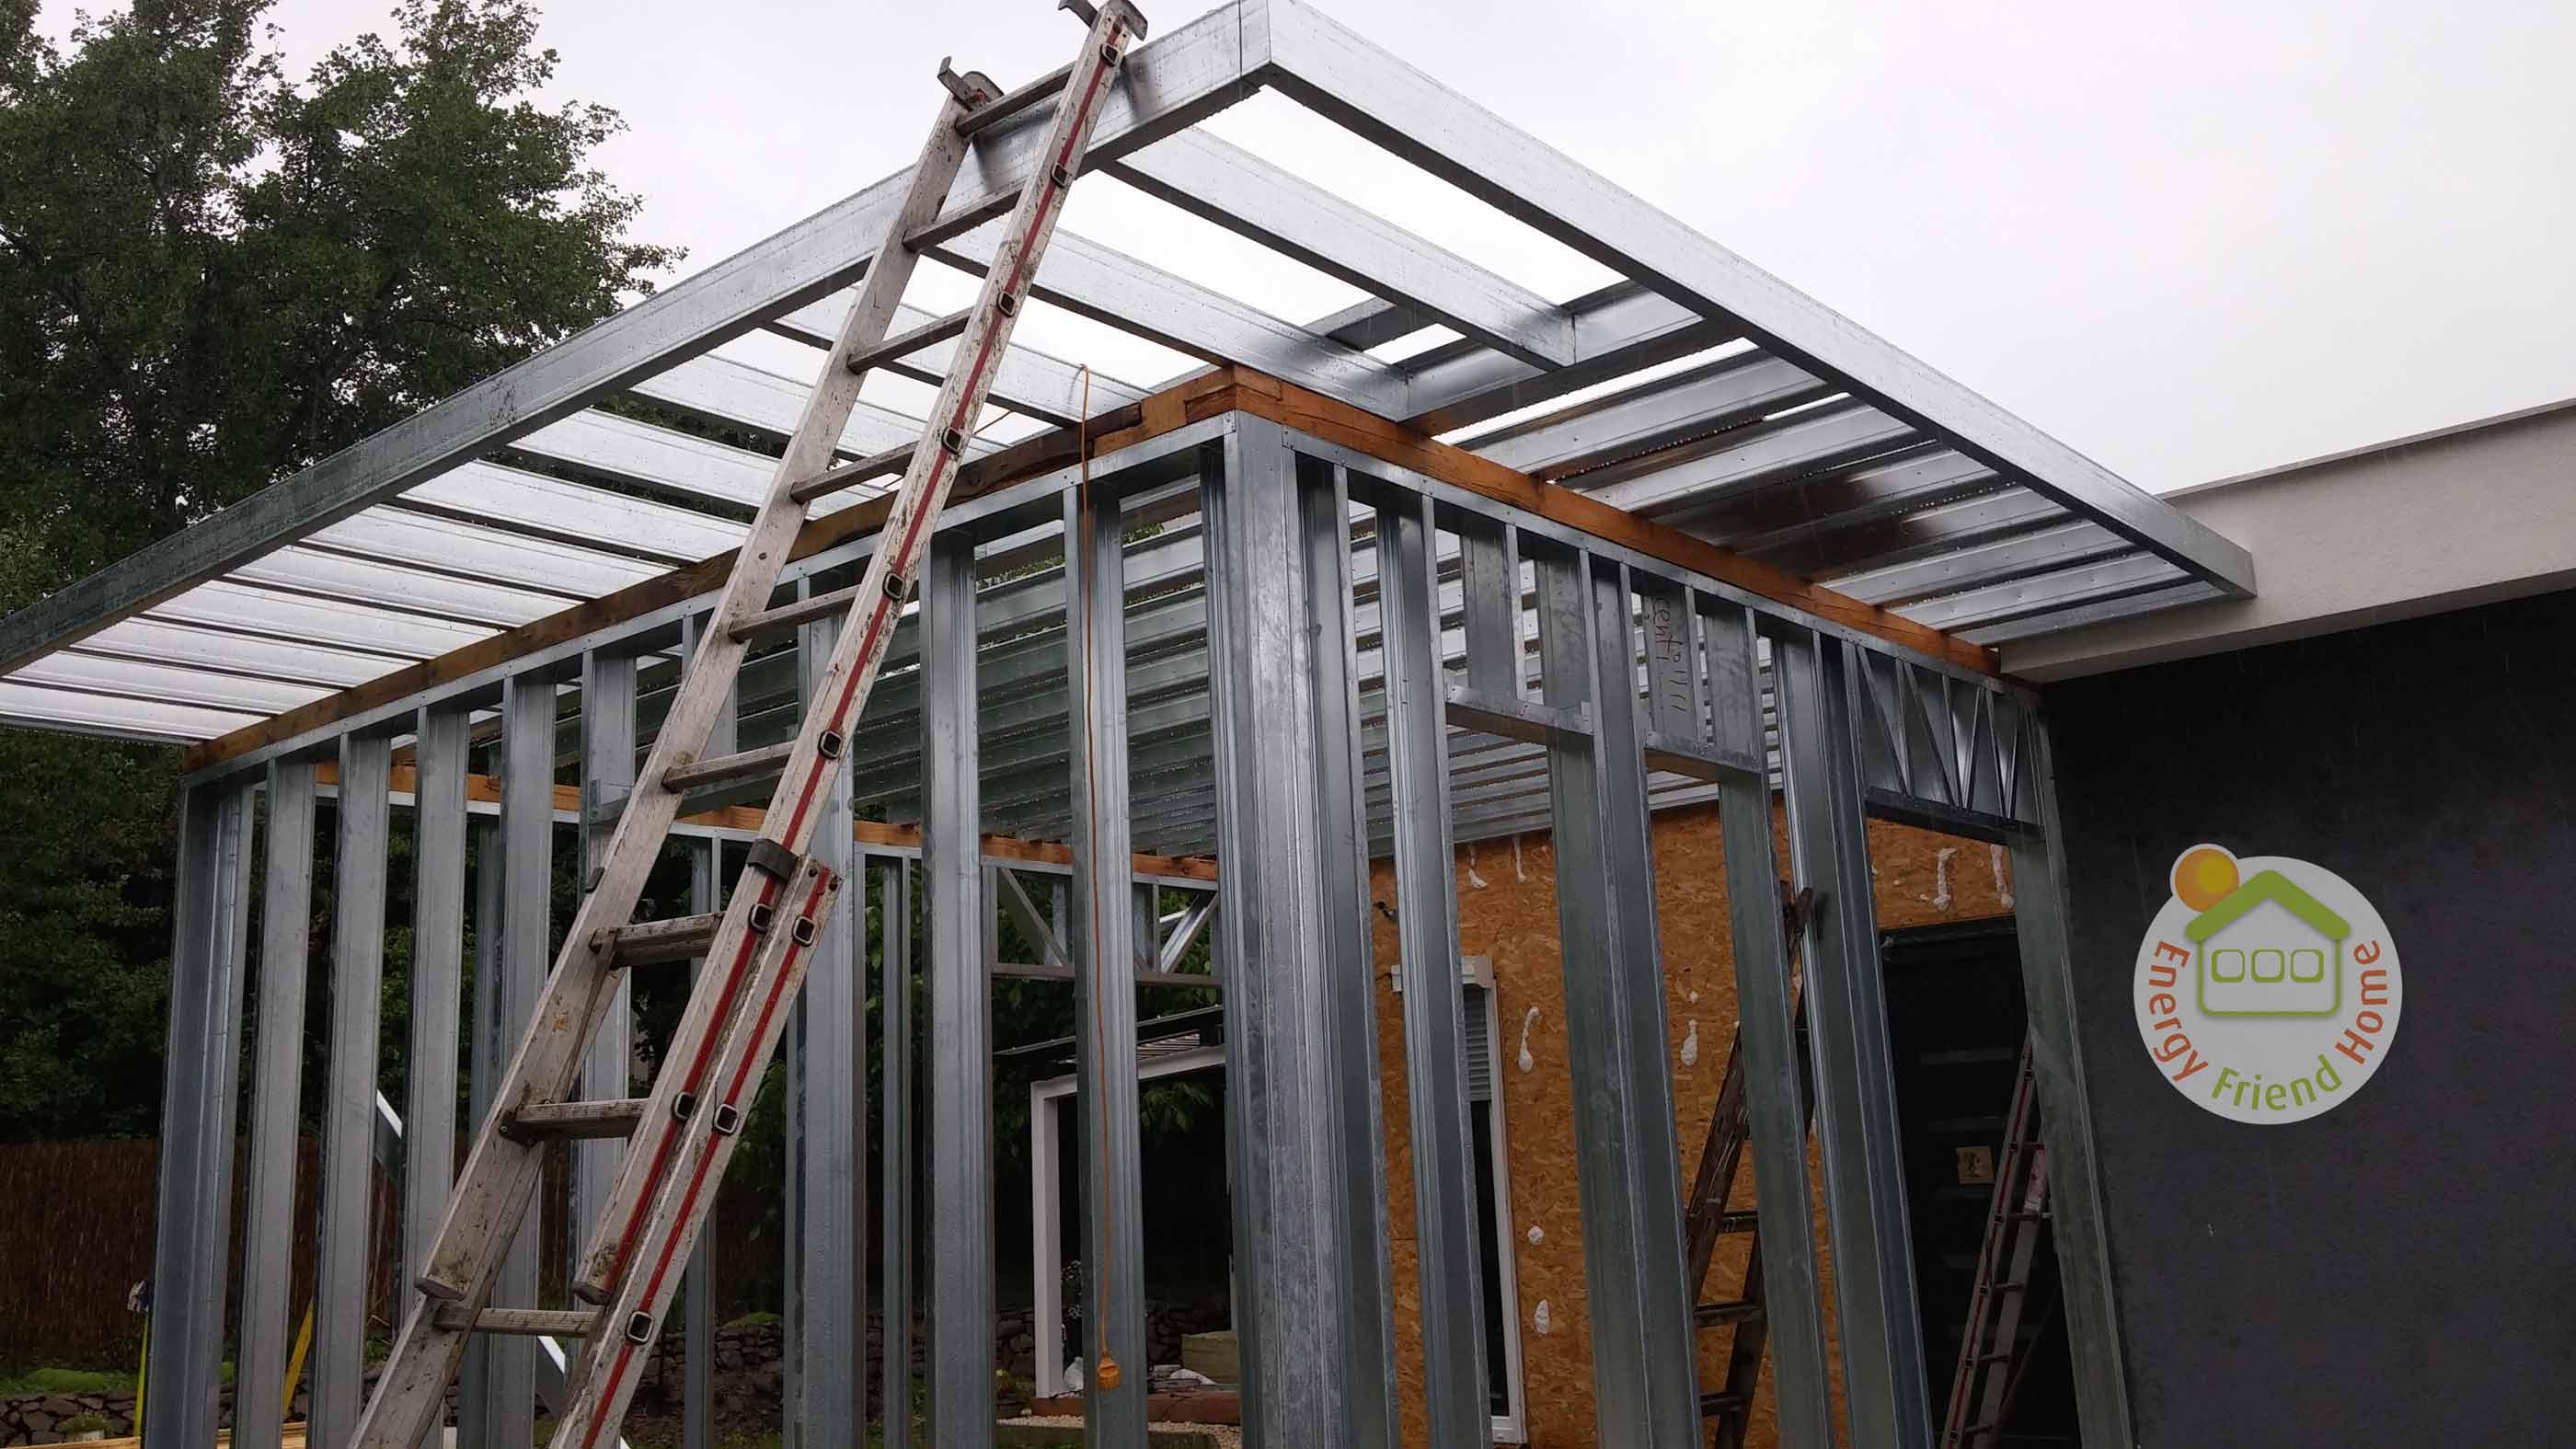 Családi ház bővítése két szobával, EnergyFriendHome készház technológiával